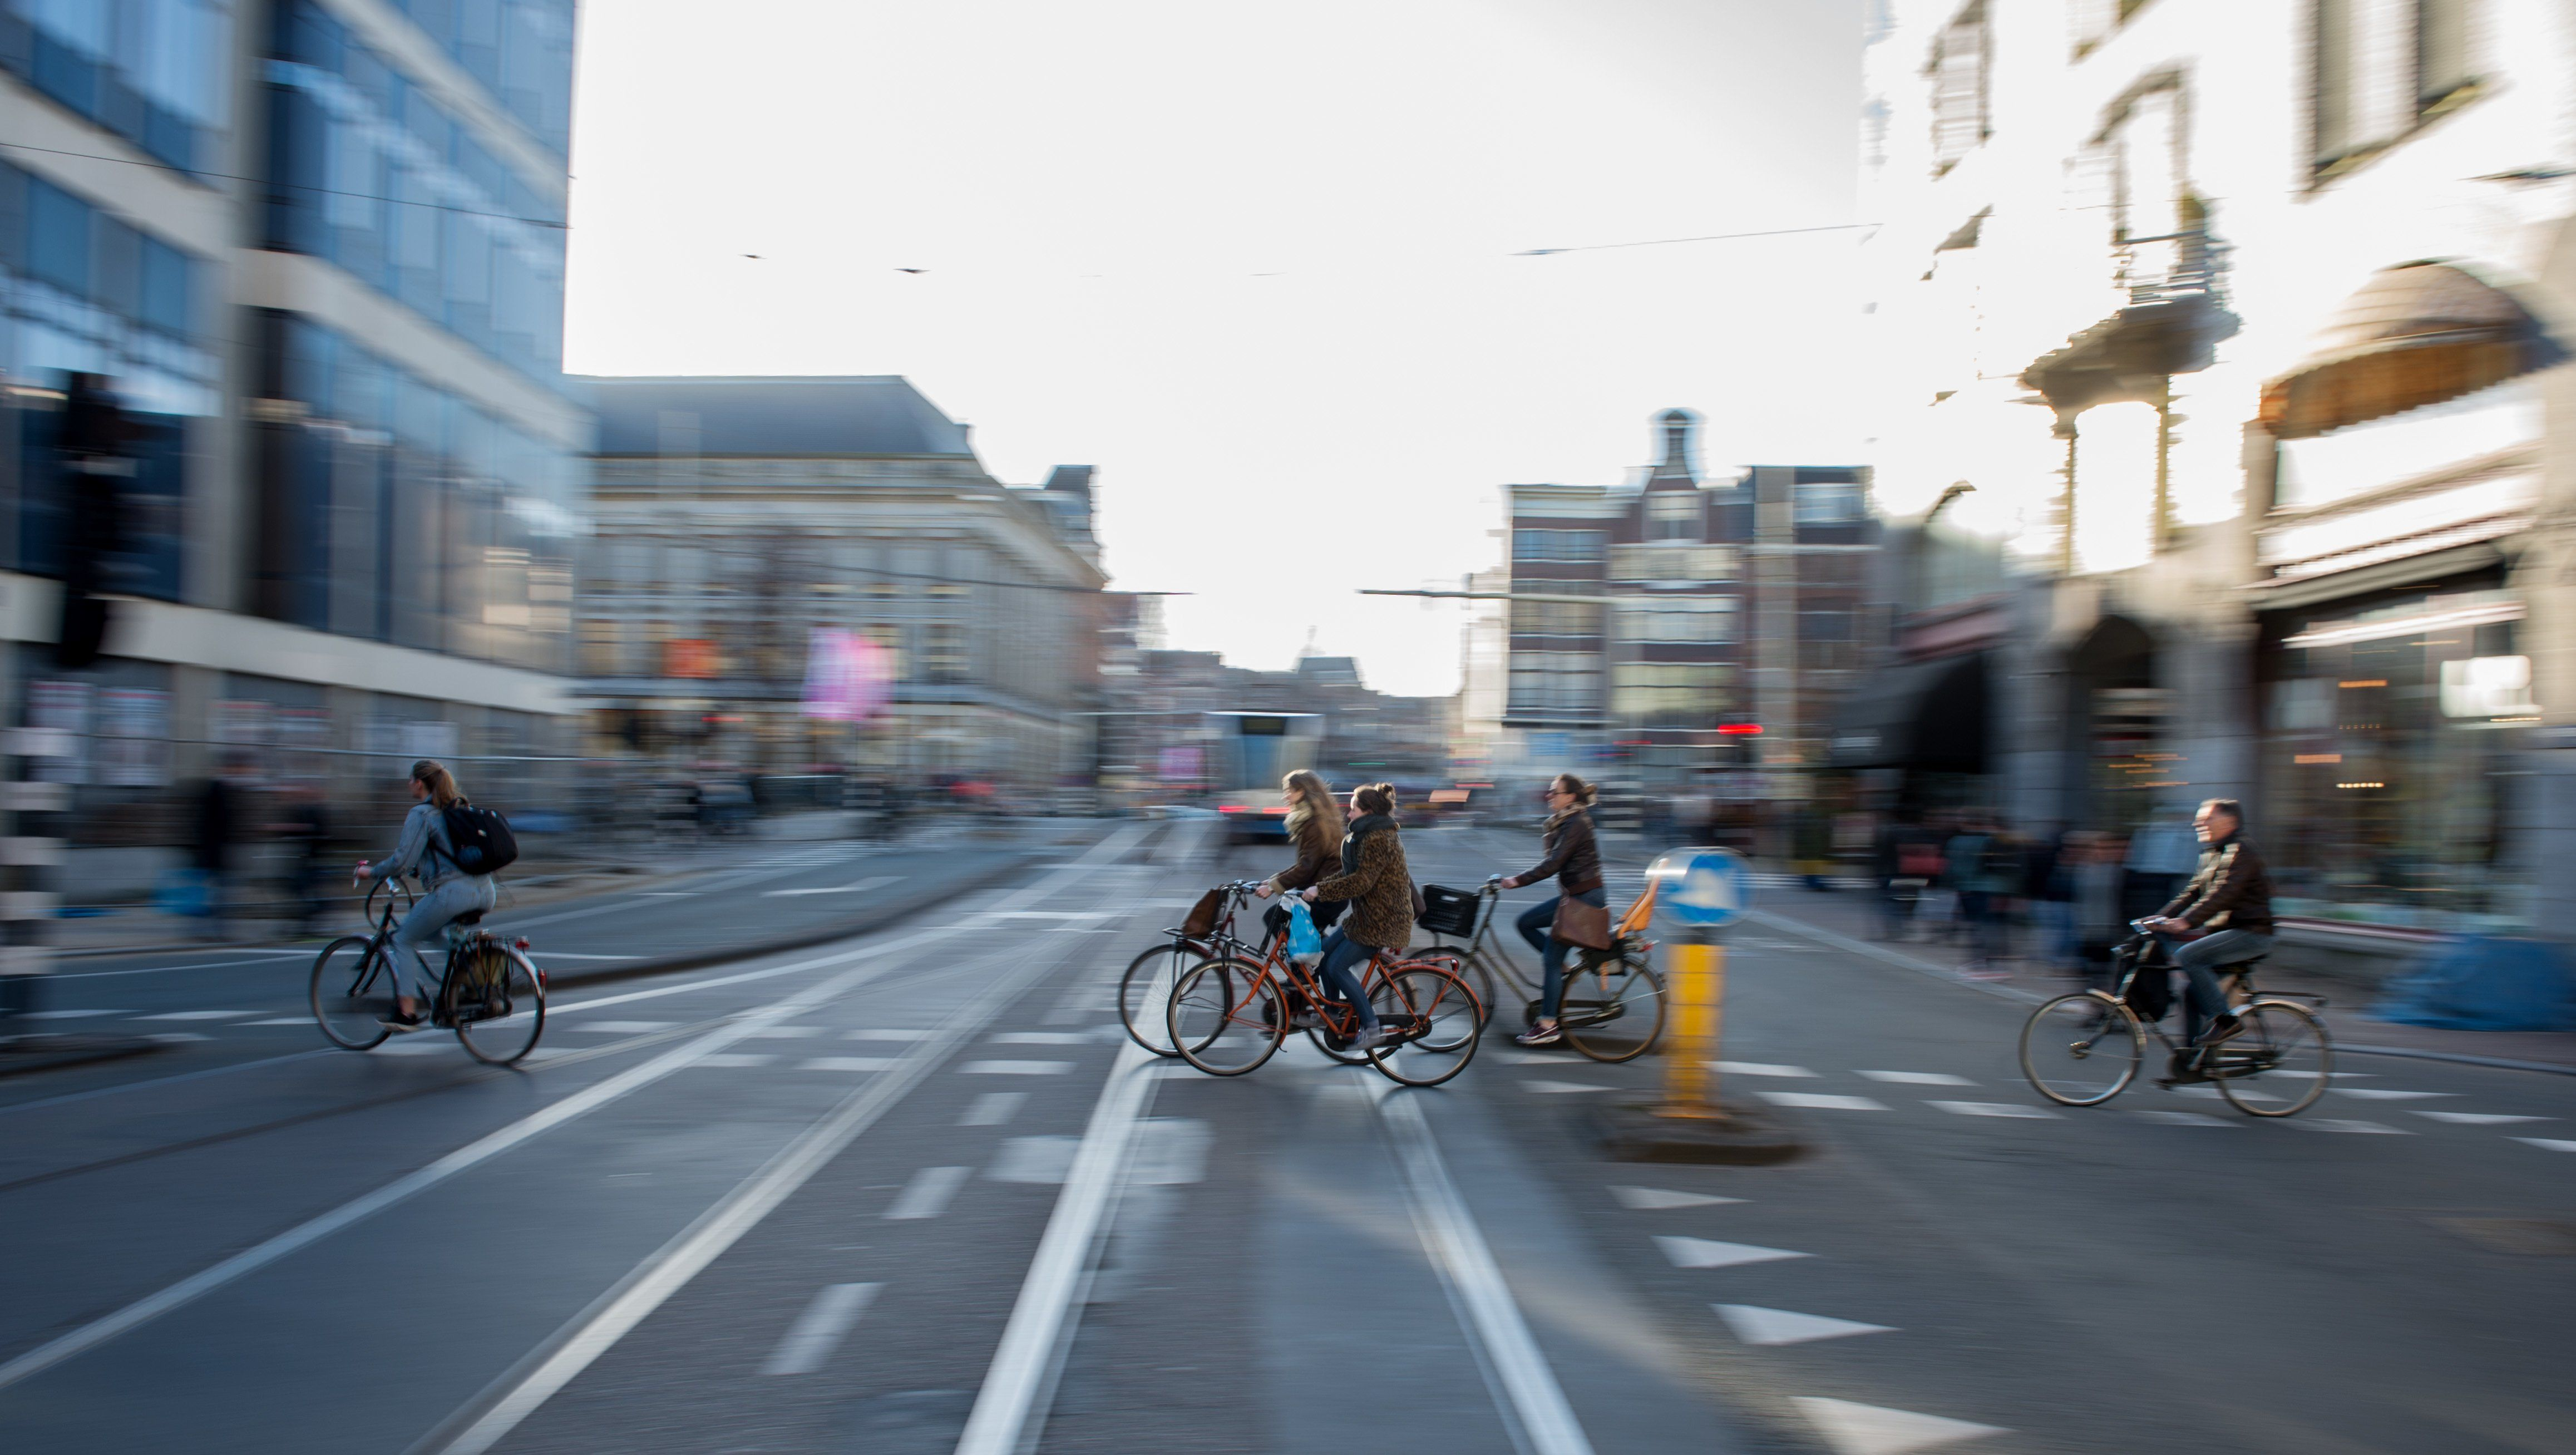 Jetzt lesen: Bundesregierung will Autobahnen für Fahrradfahrer bauen - http://ift.tt/2nyypXq #story